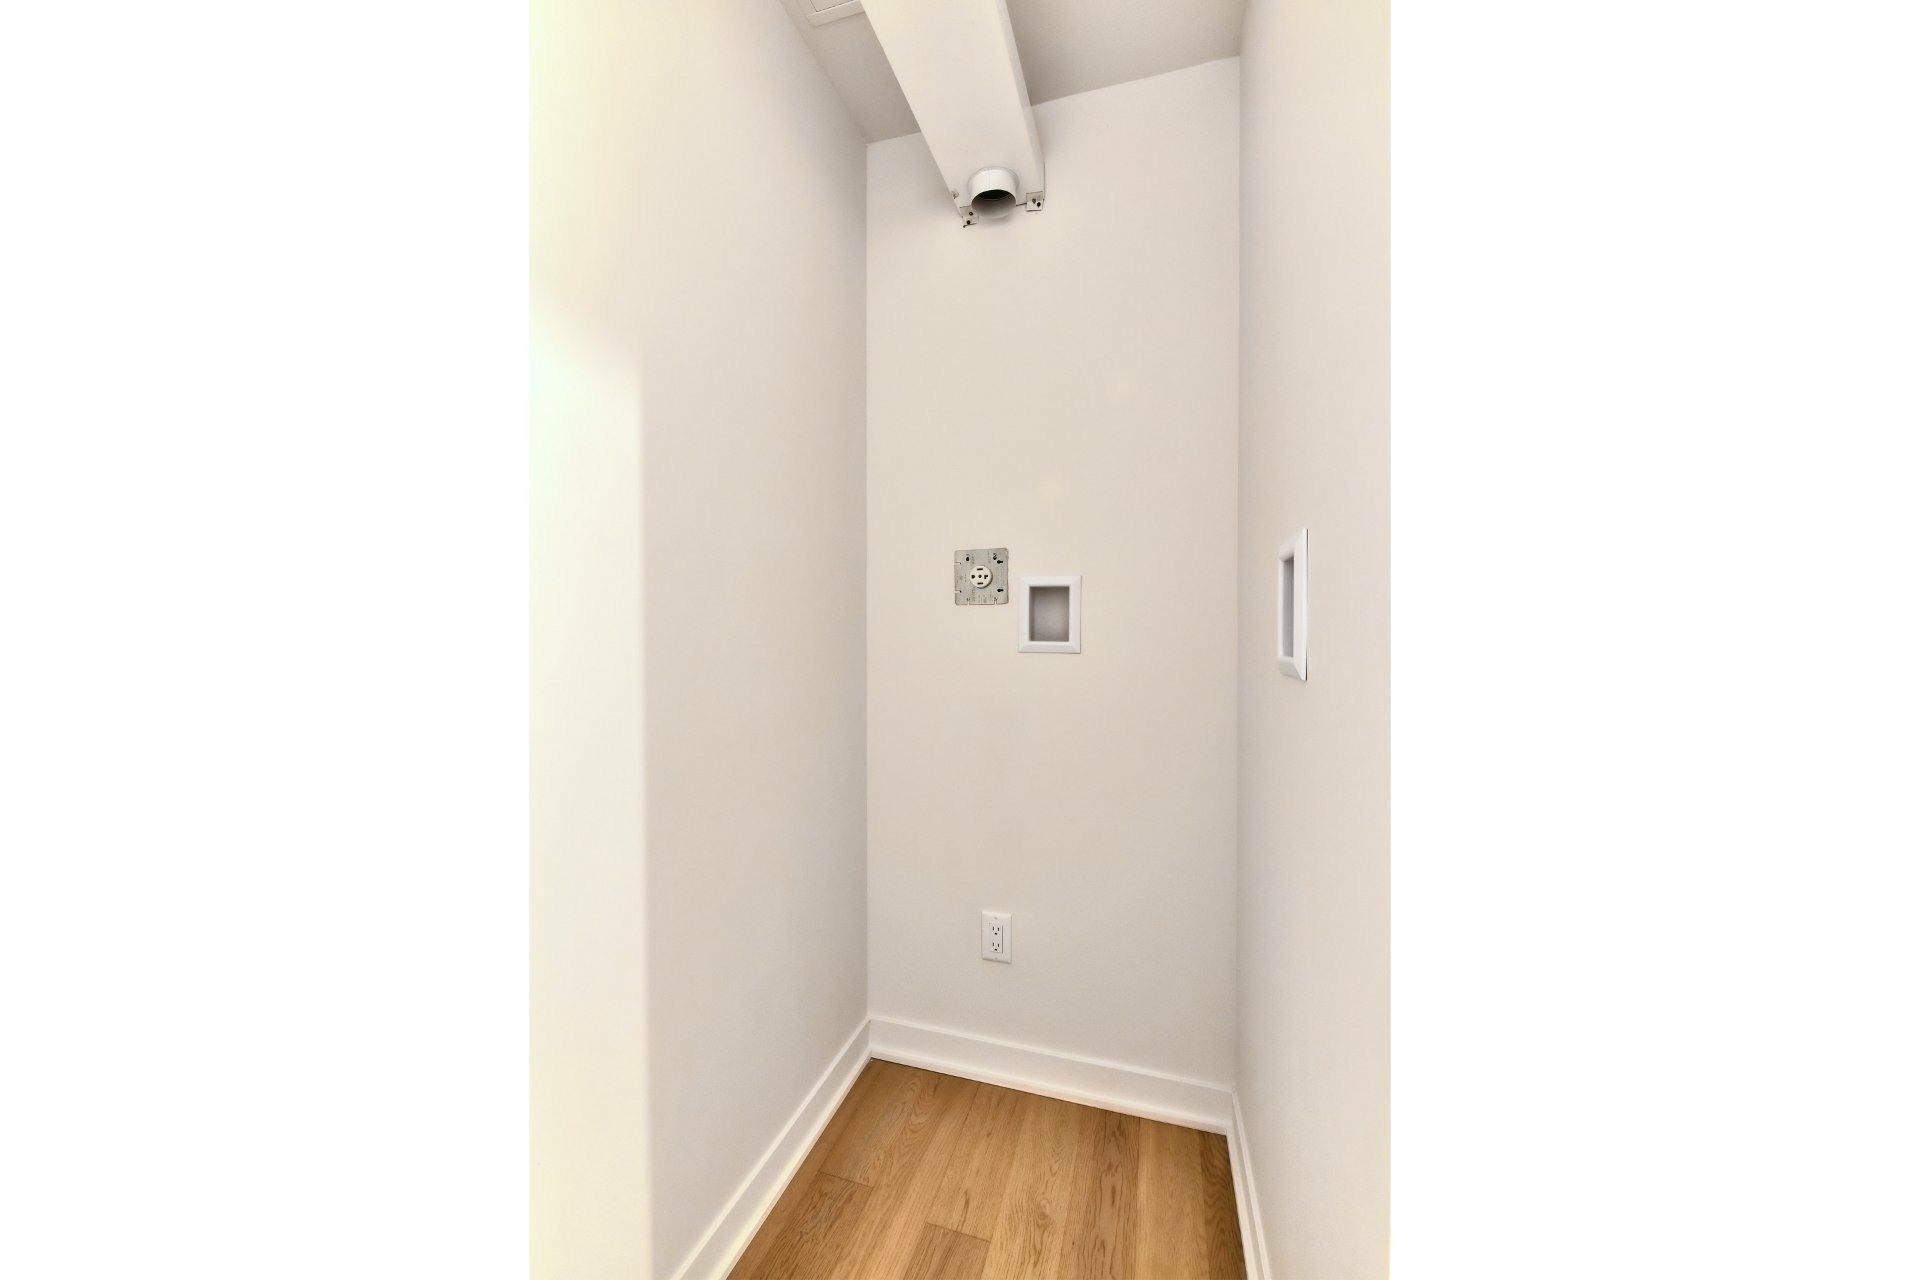 image 13 - Appartement À louer Brossard - 4 pièces